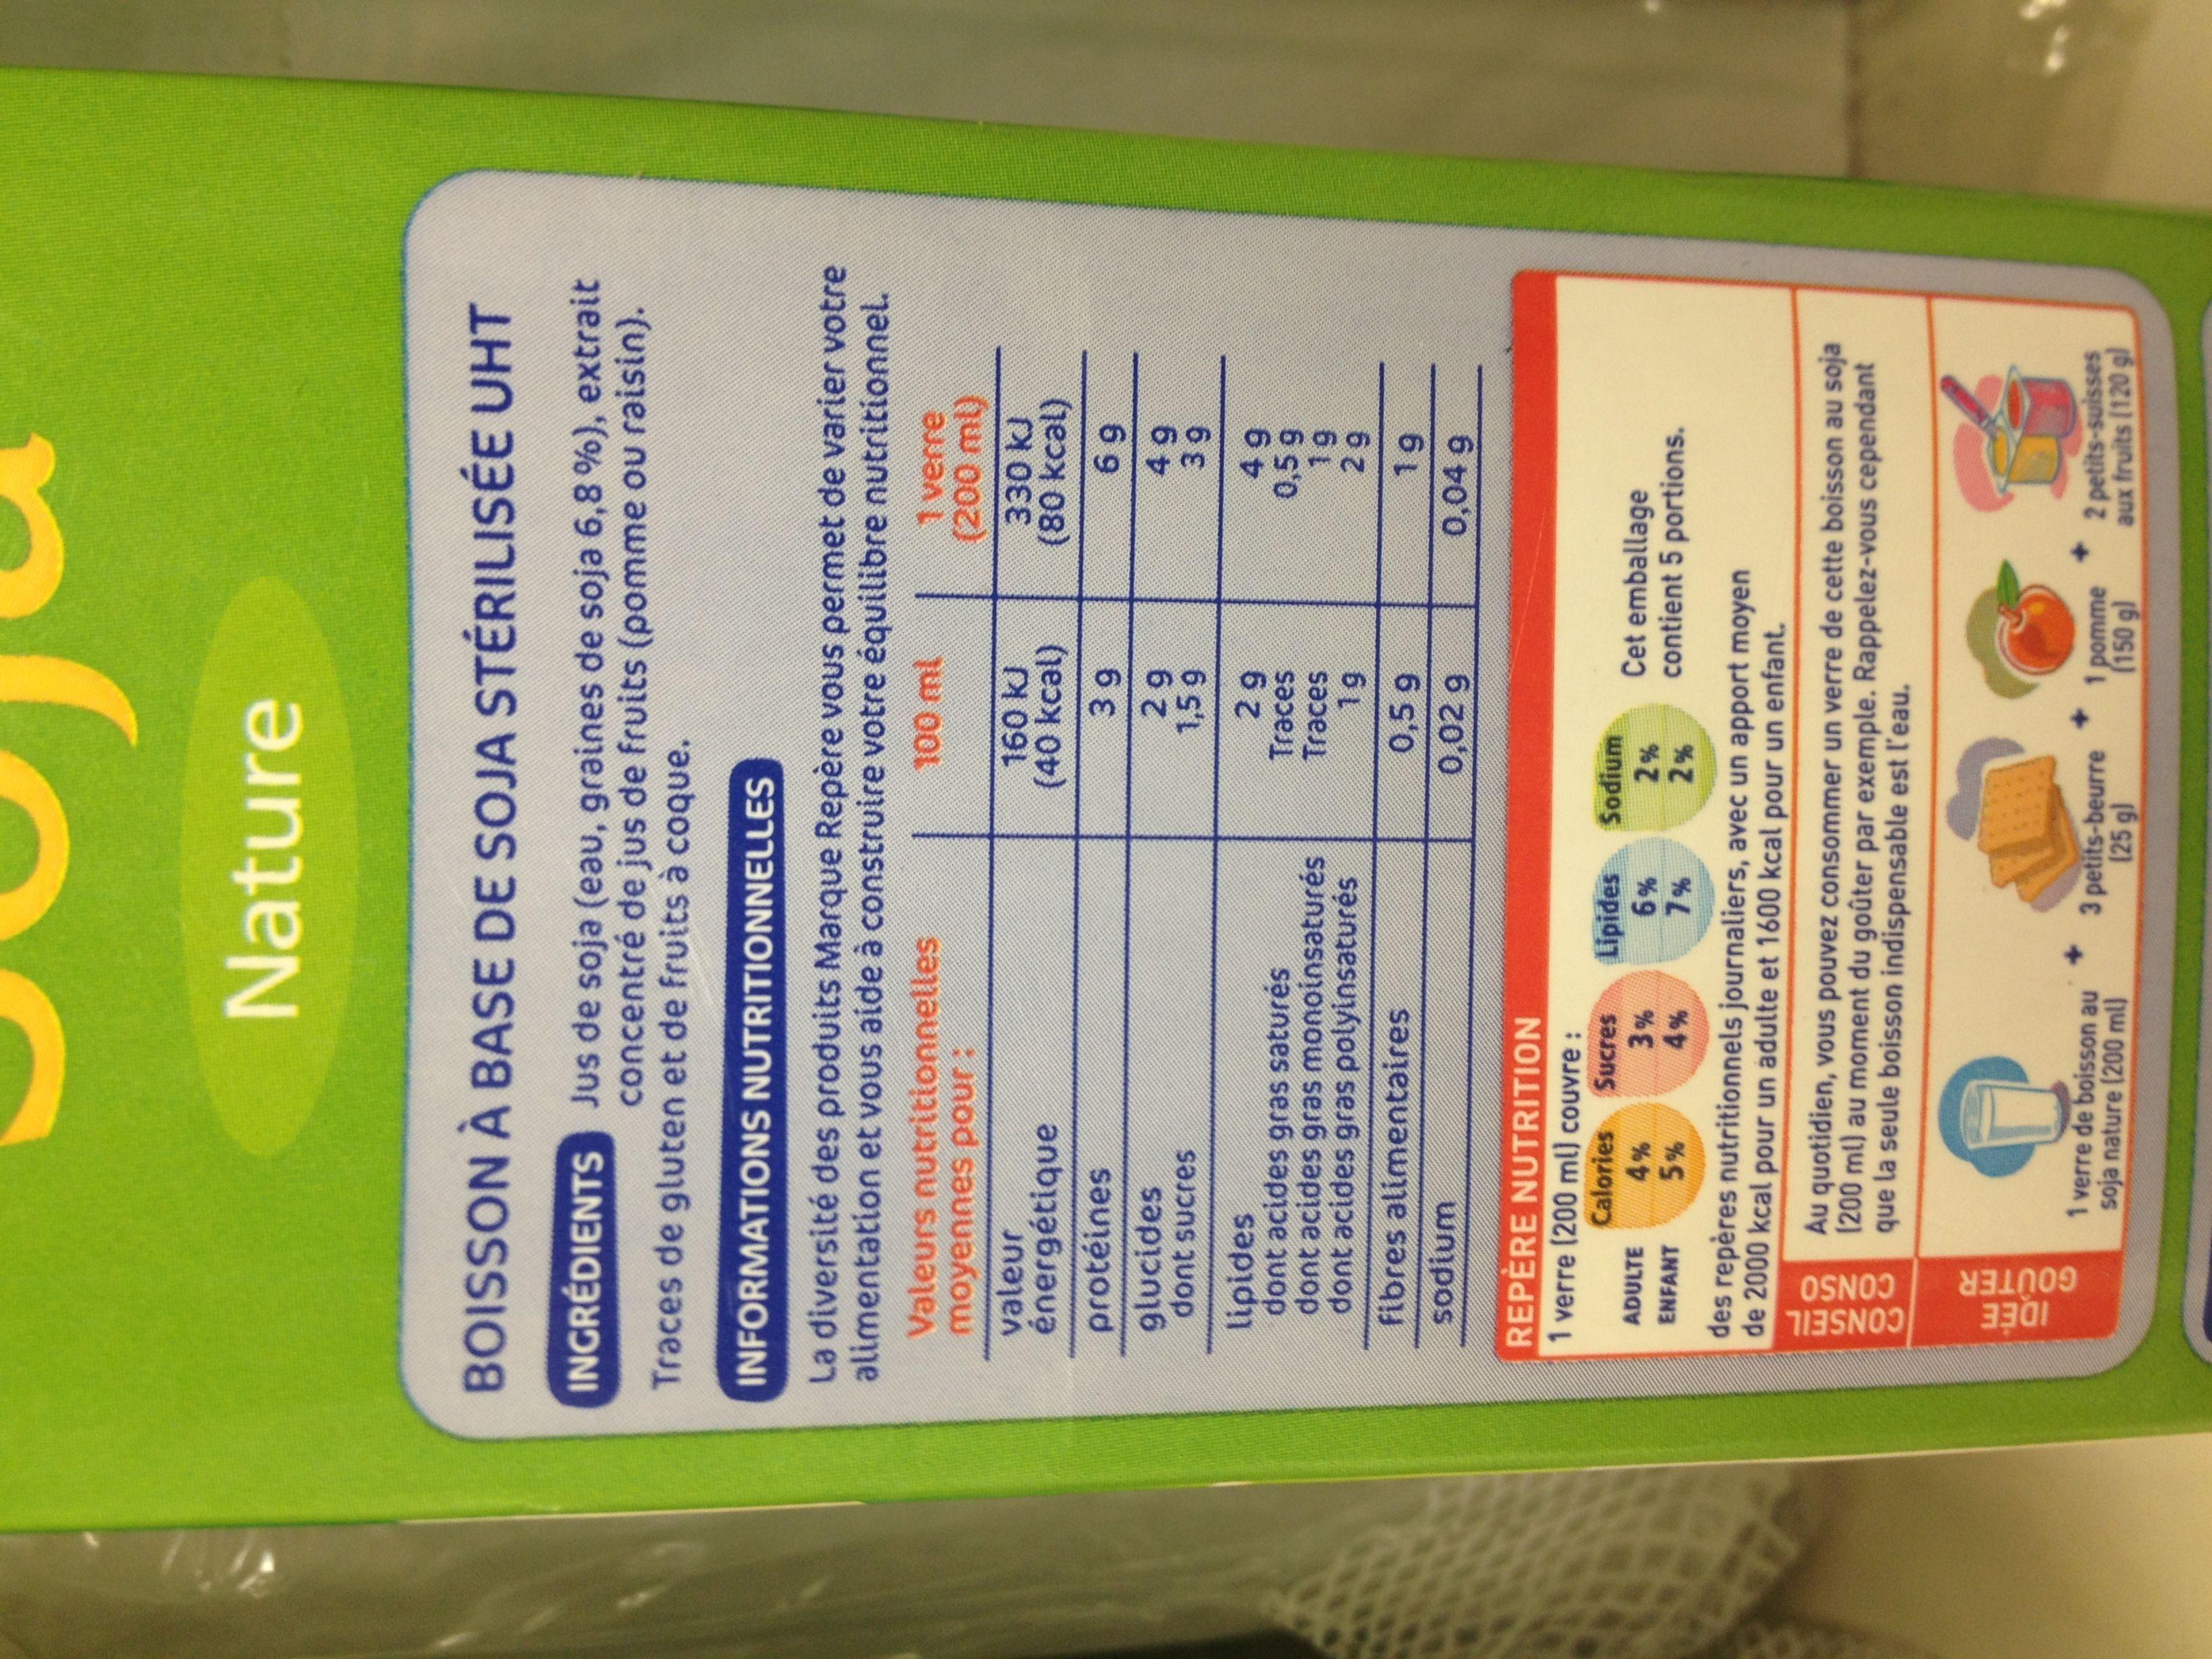 Boisson au soja nature brique - Ingrédients - fr